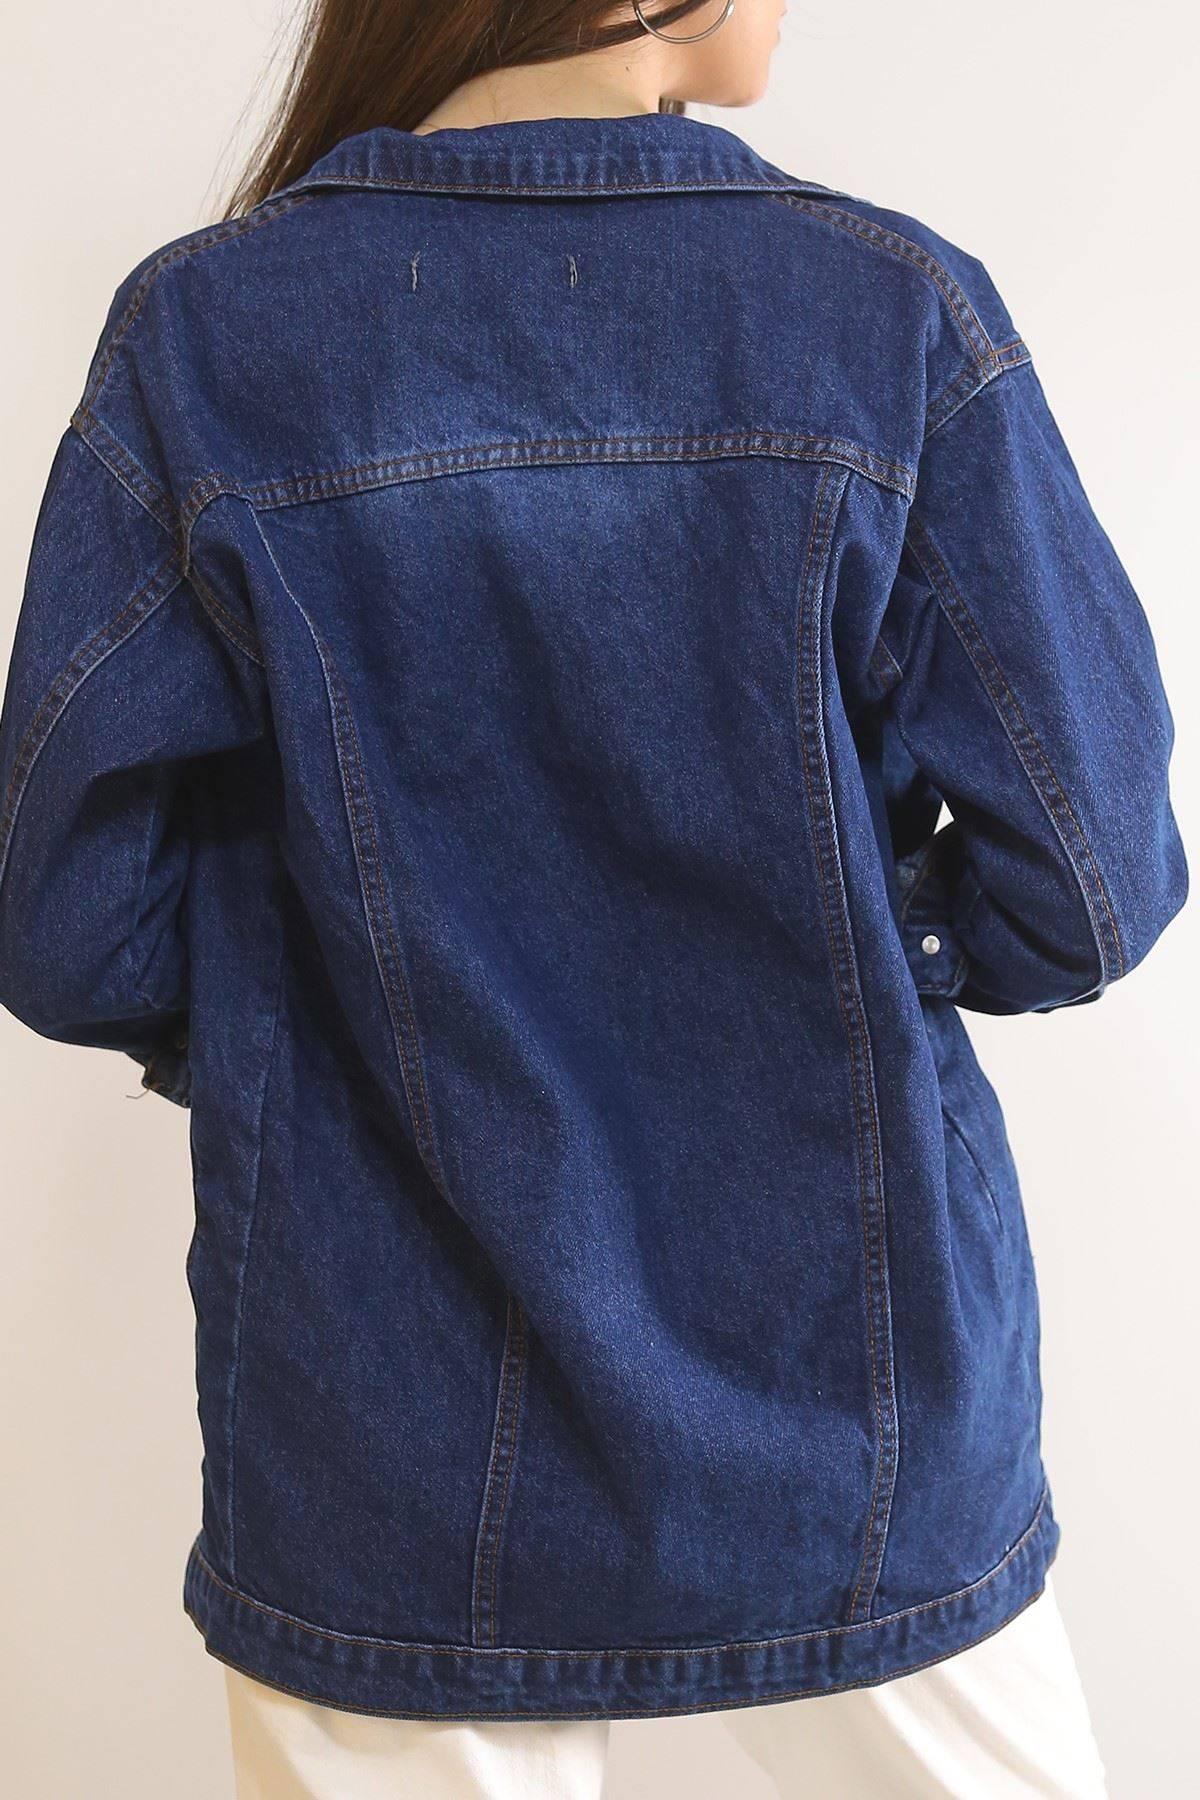 Yırtıklı Boyfrend Kot Ceket Koyulaci - 0833.925.